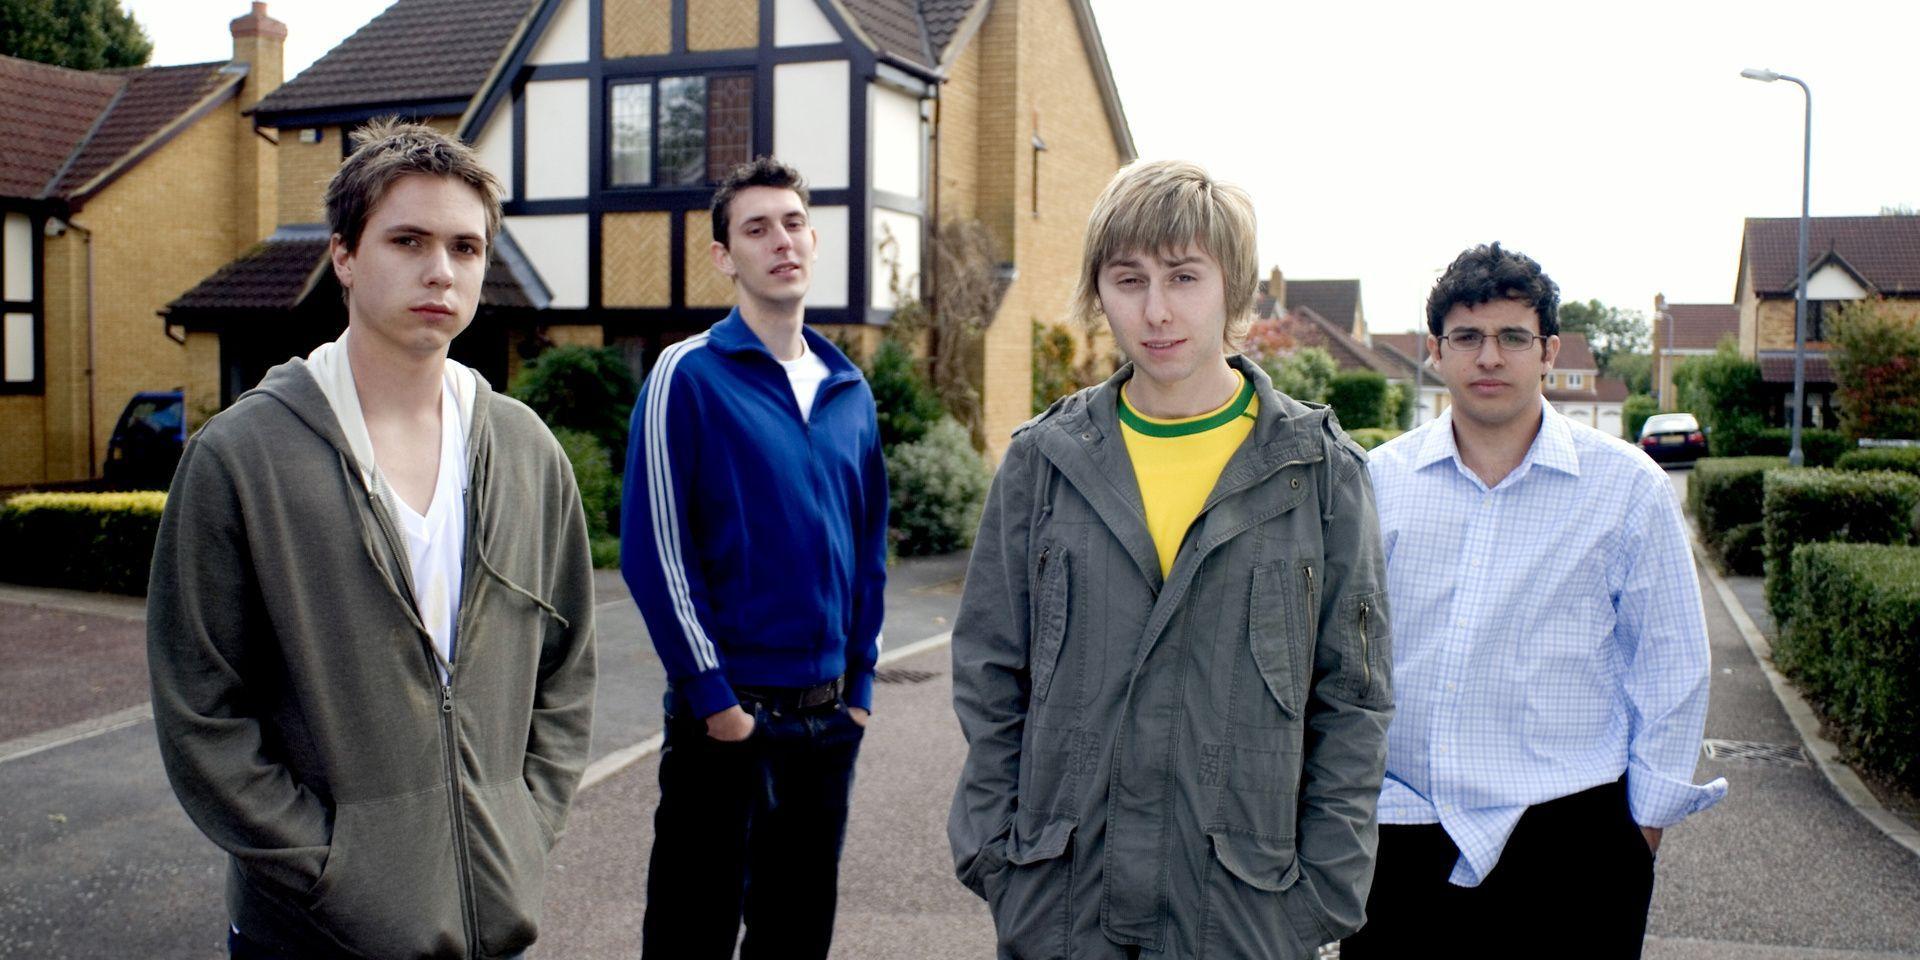 'The Inbetweeners'